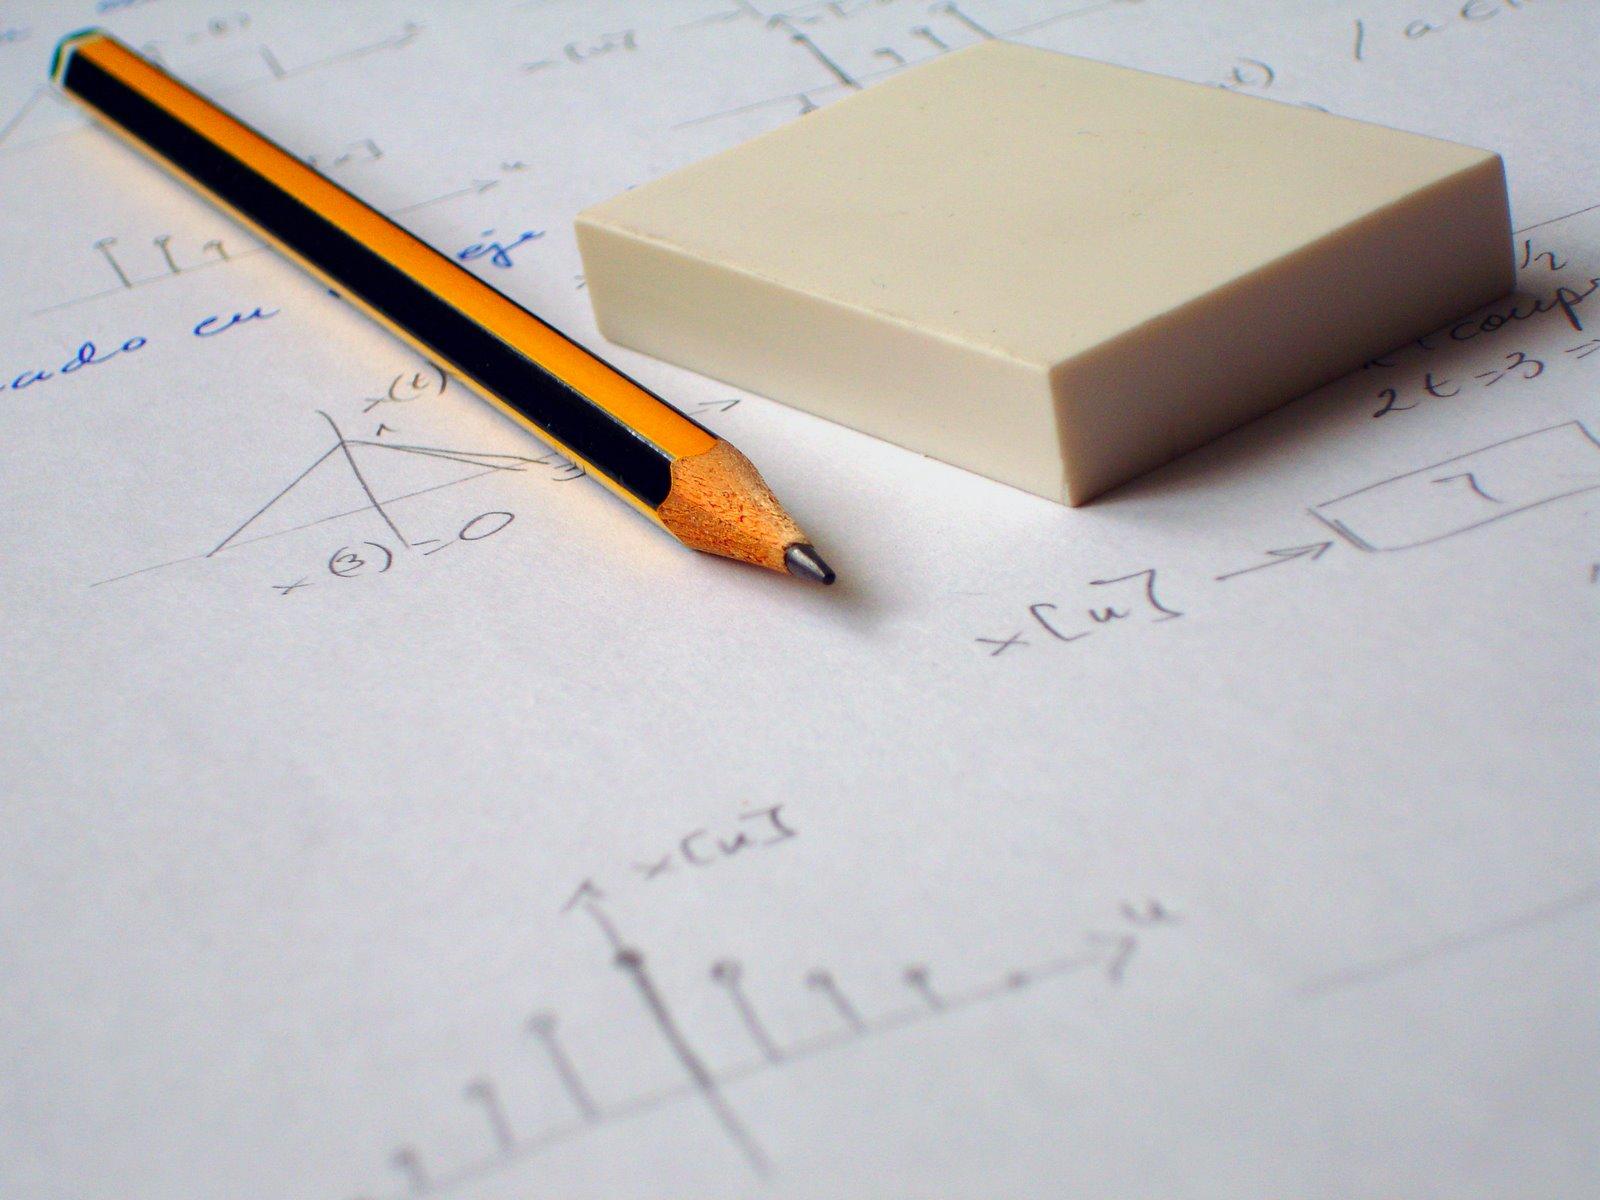 Por qué estudiamos? Te cuento un poco sobre Ingeniería